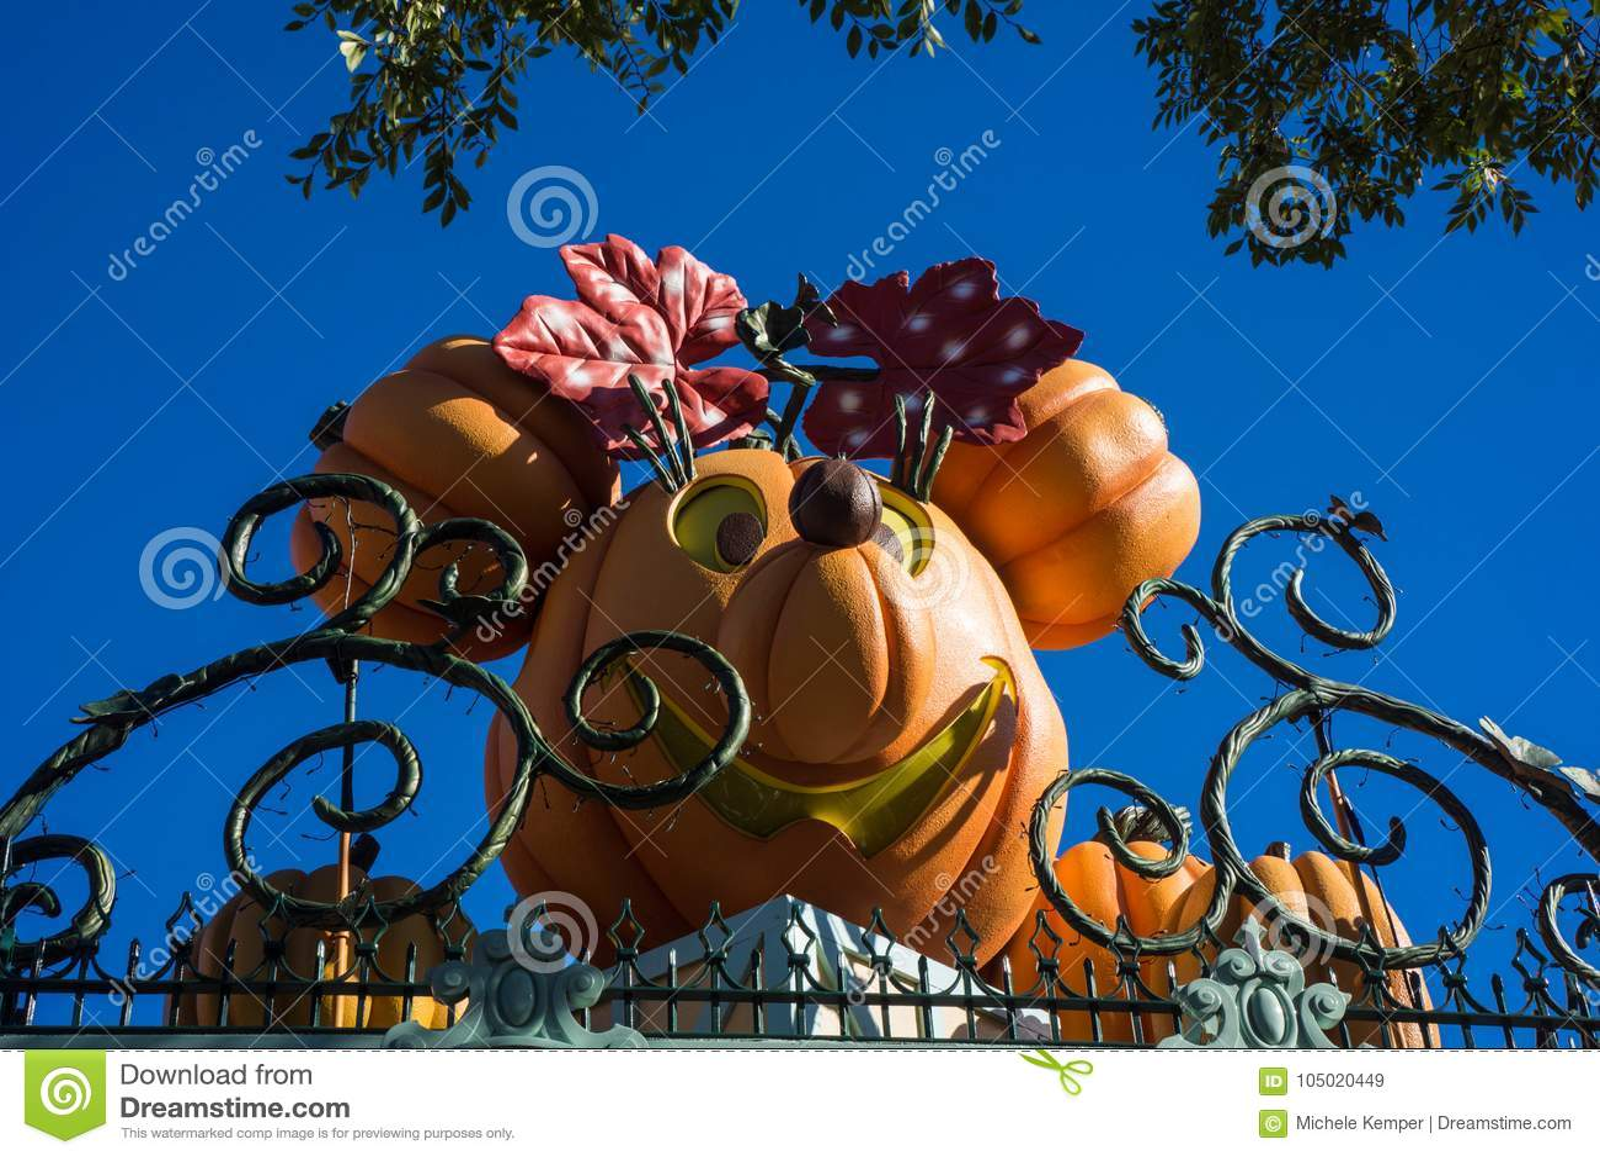 Disneyland allhelgonaaftondekor Minnie Mouse